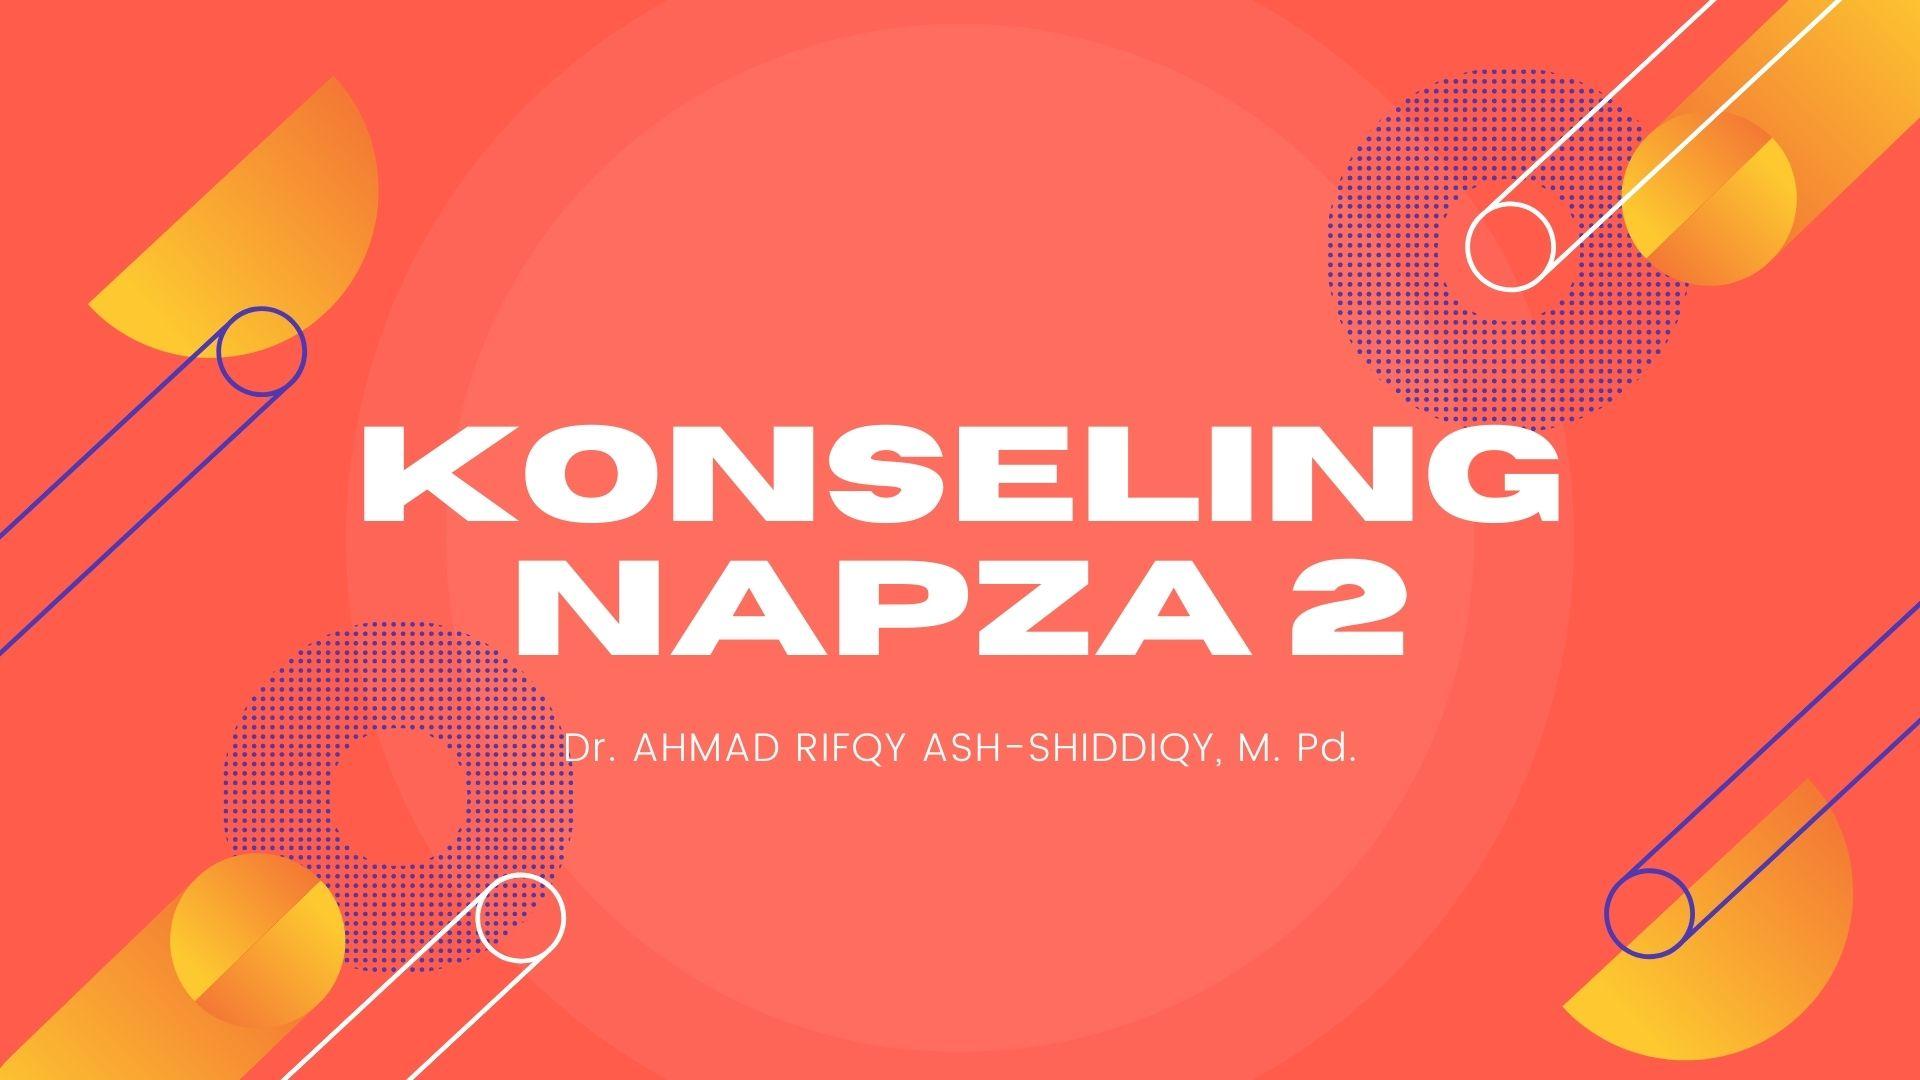 KONSELING NAPZA 2